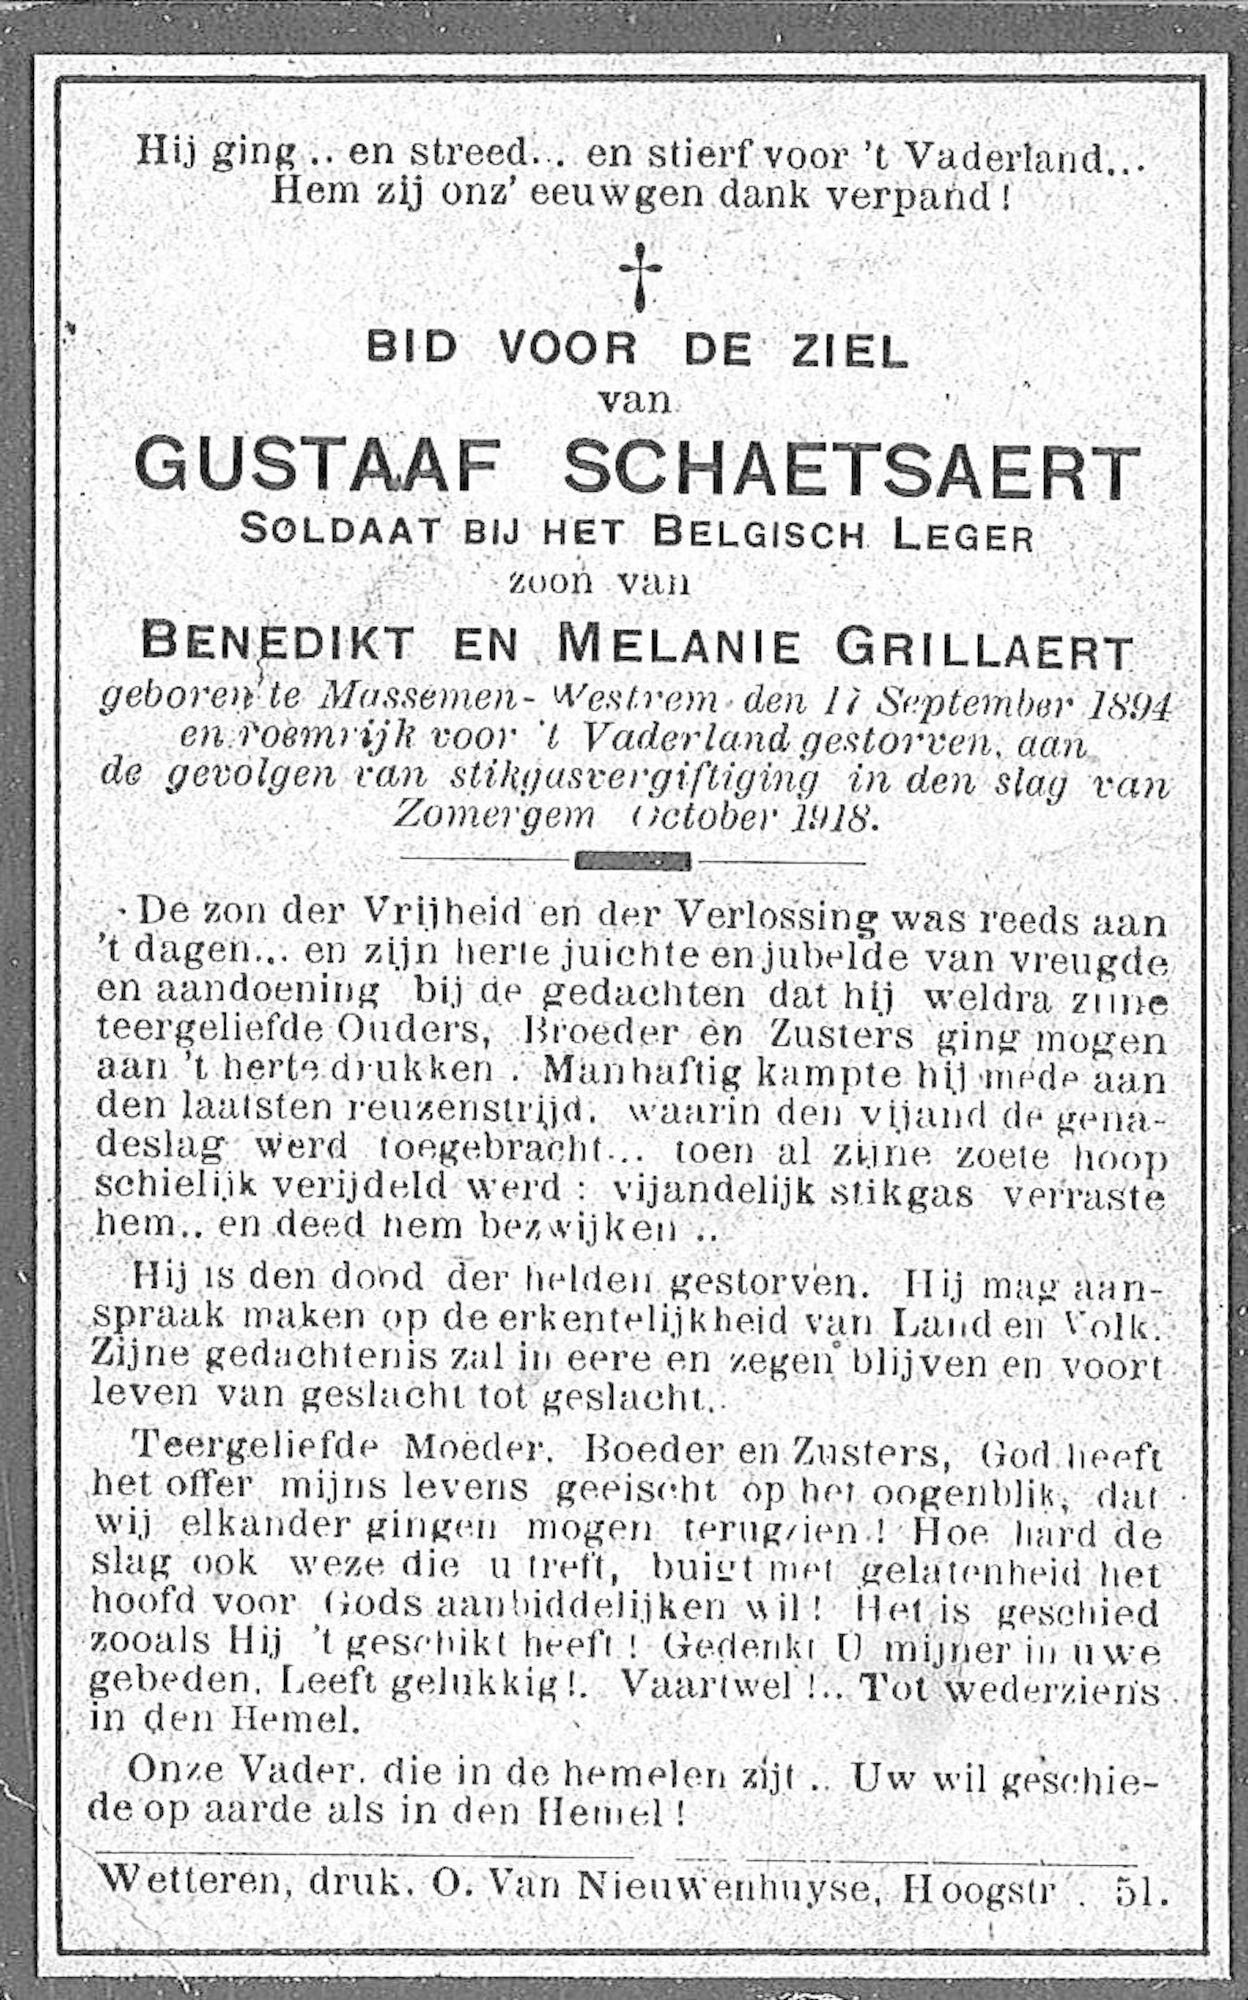 Gustaaf Schetsaert